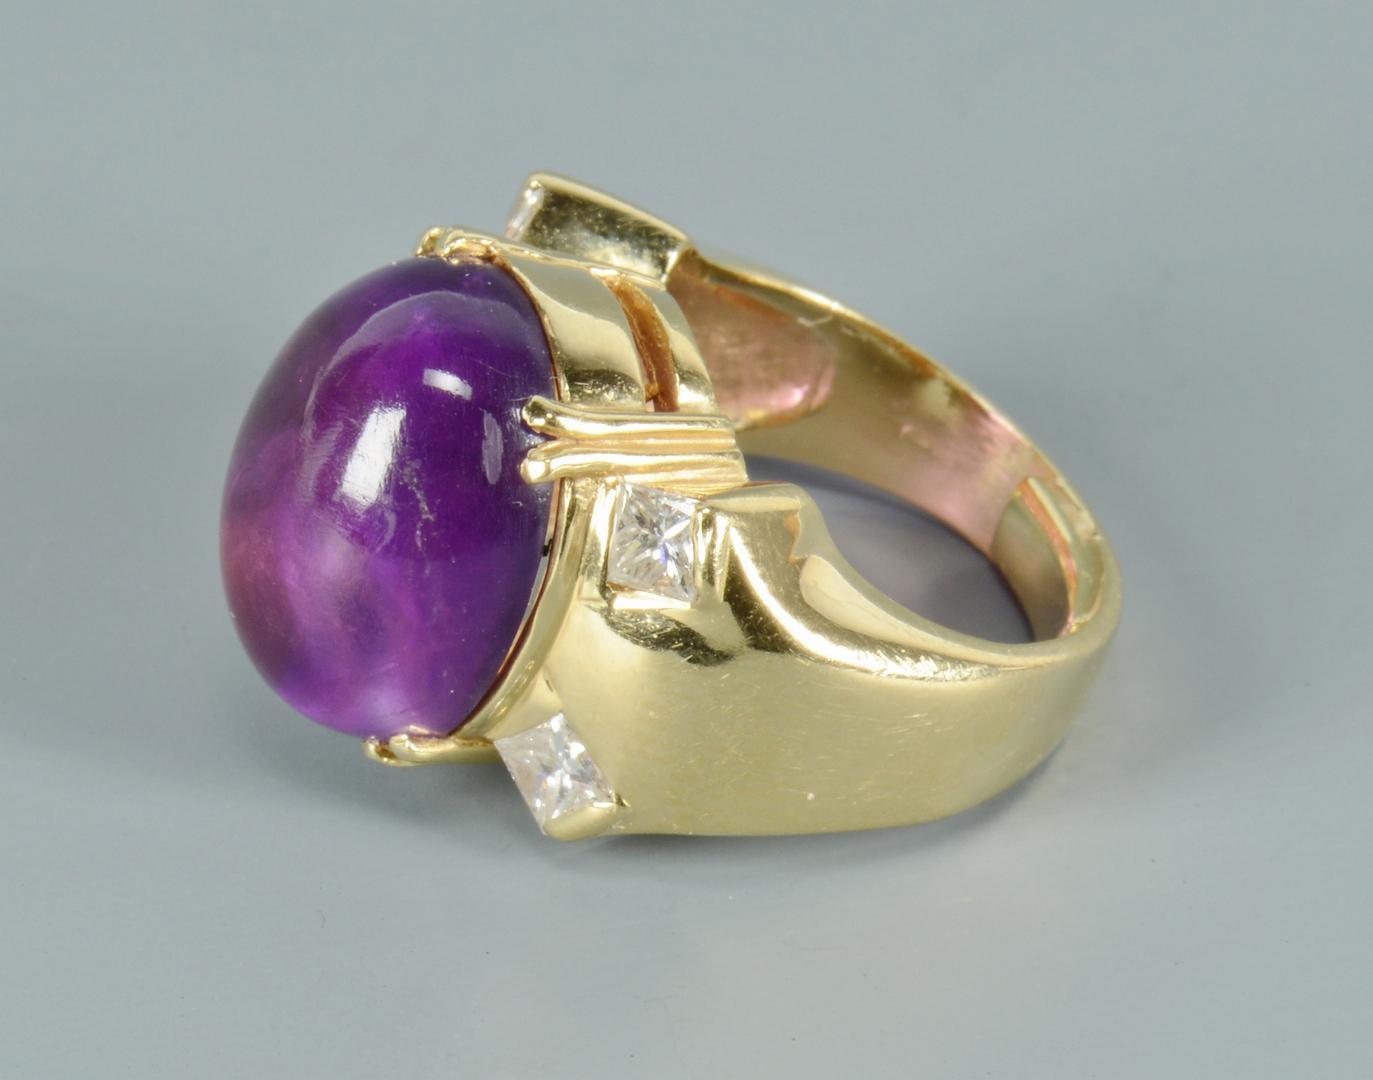 Lot 3088223: Three Semi-precious Rings